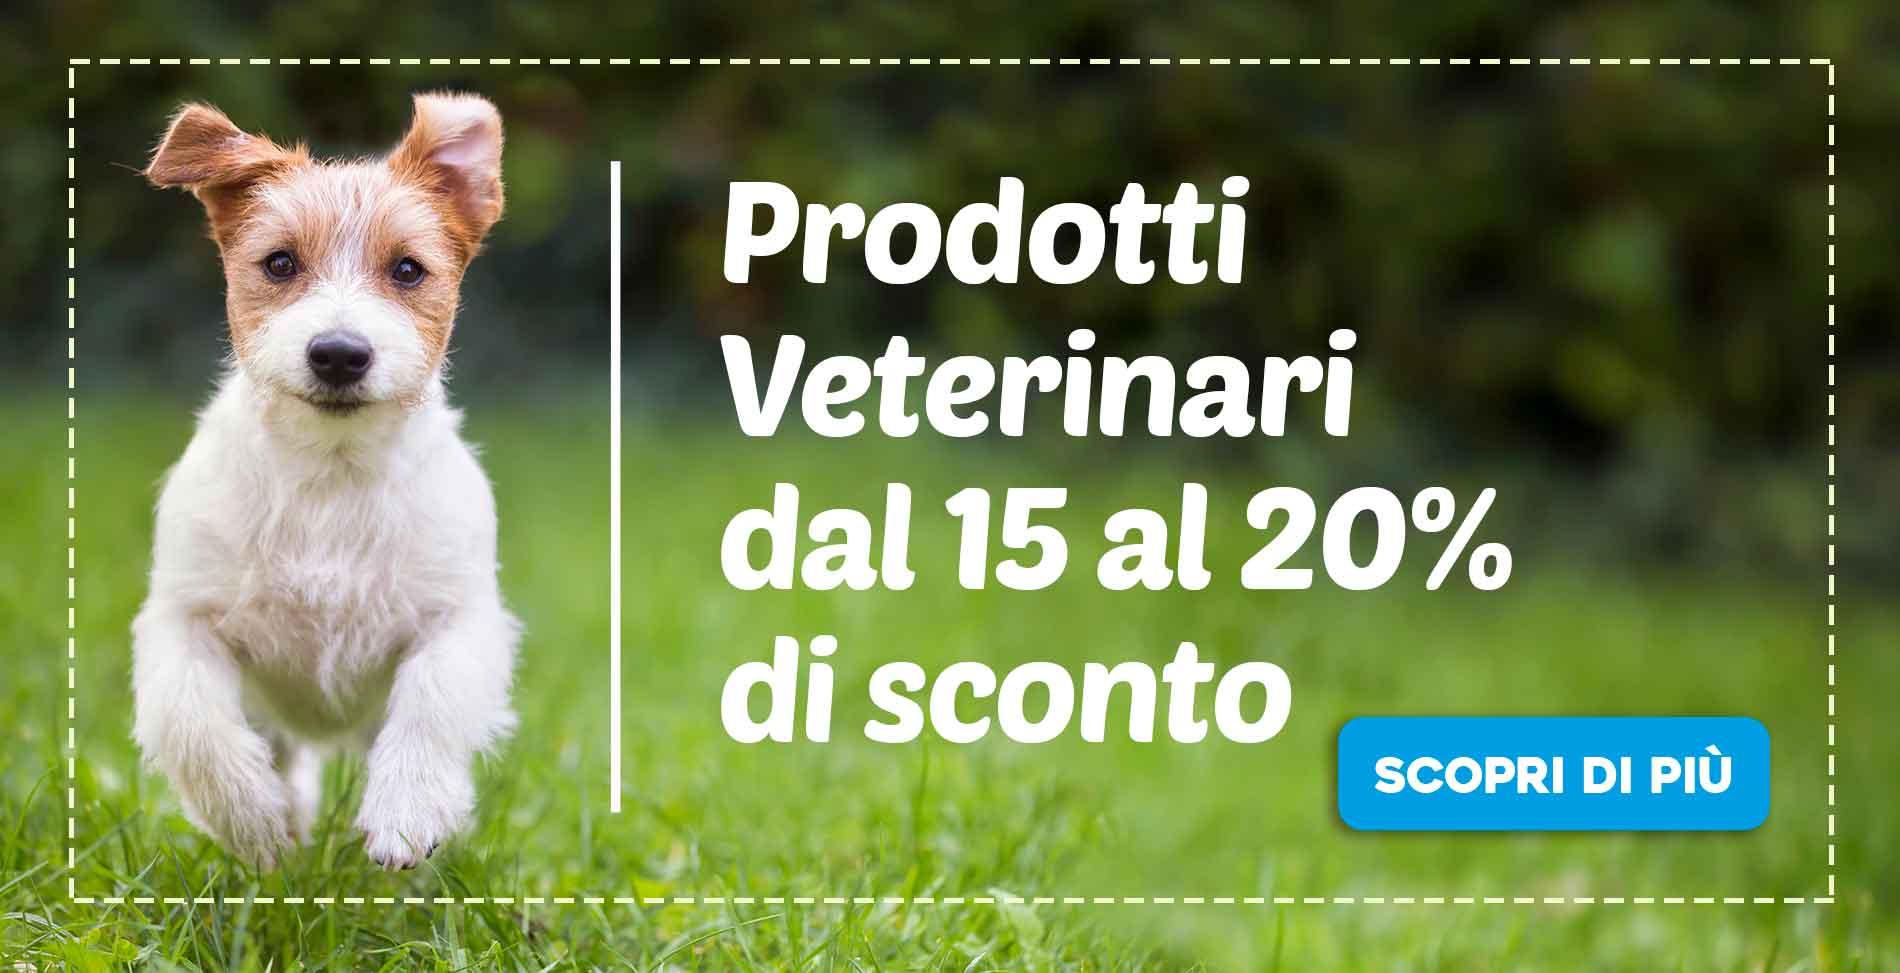 Prodotti Veterinari Cani e Gatti